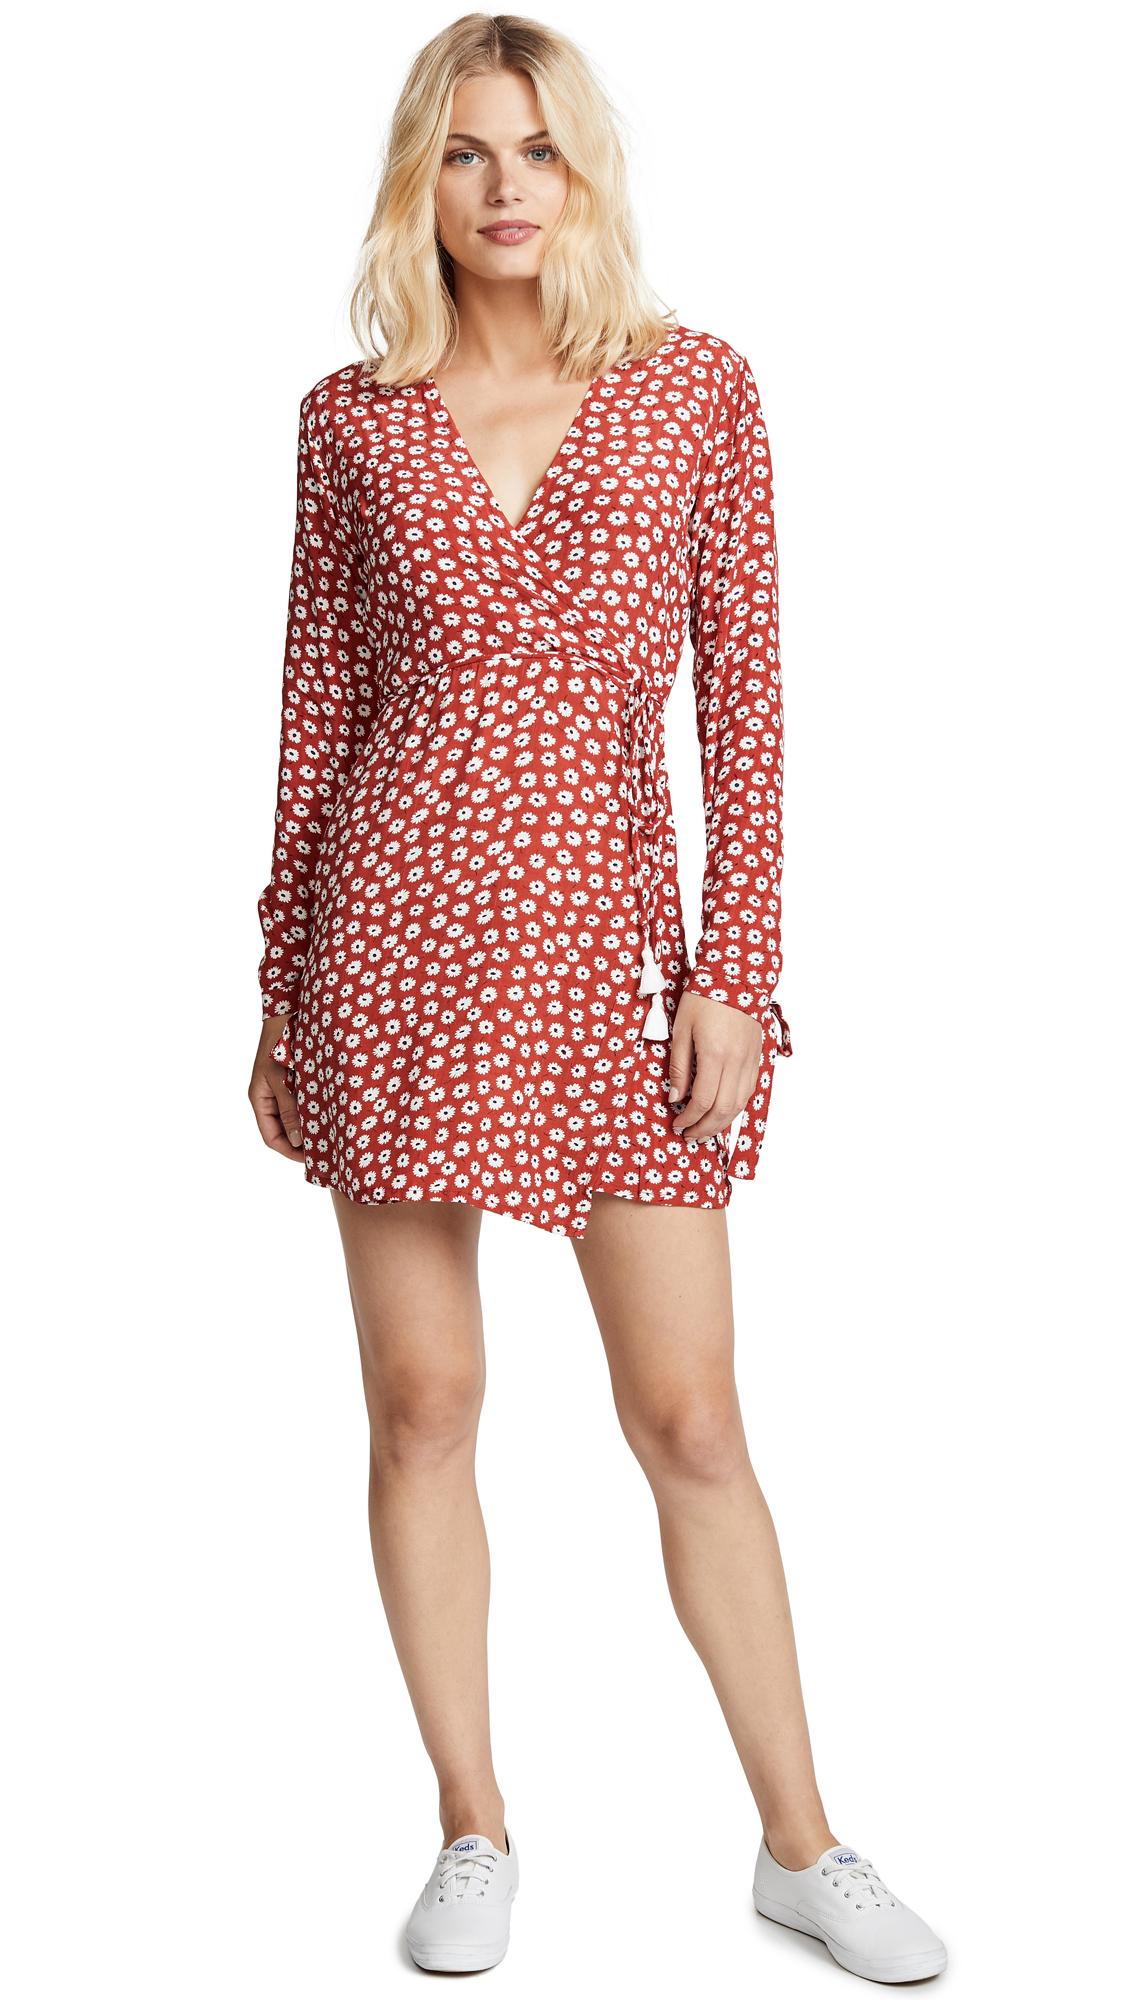 FAITHFULL THE BRAND Poppy Dress